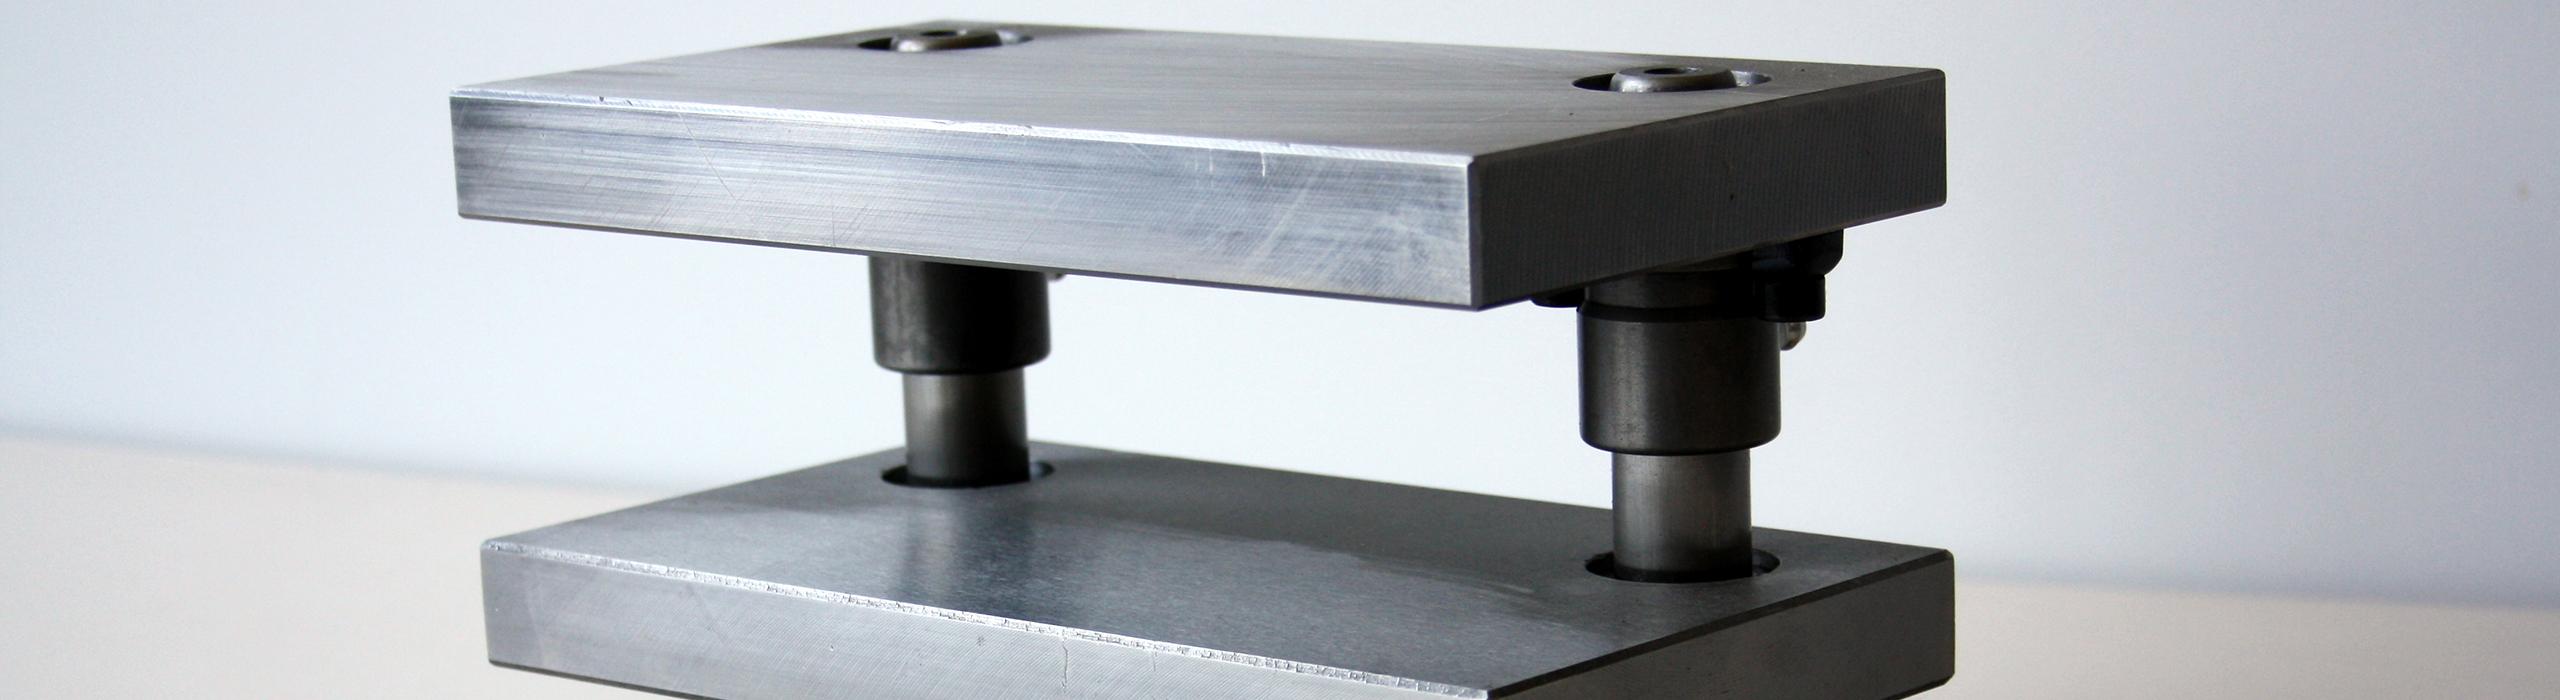 RSB-Stahl-stanznormalien-header1